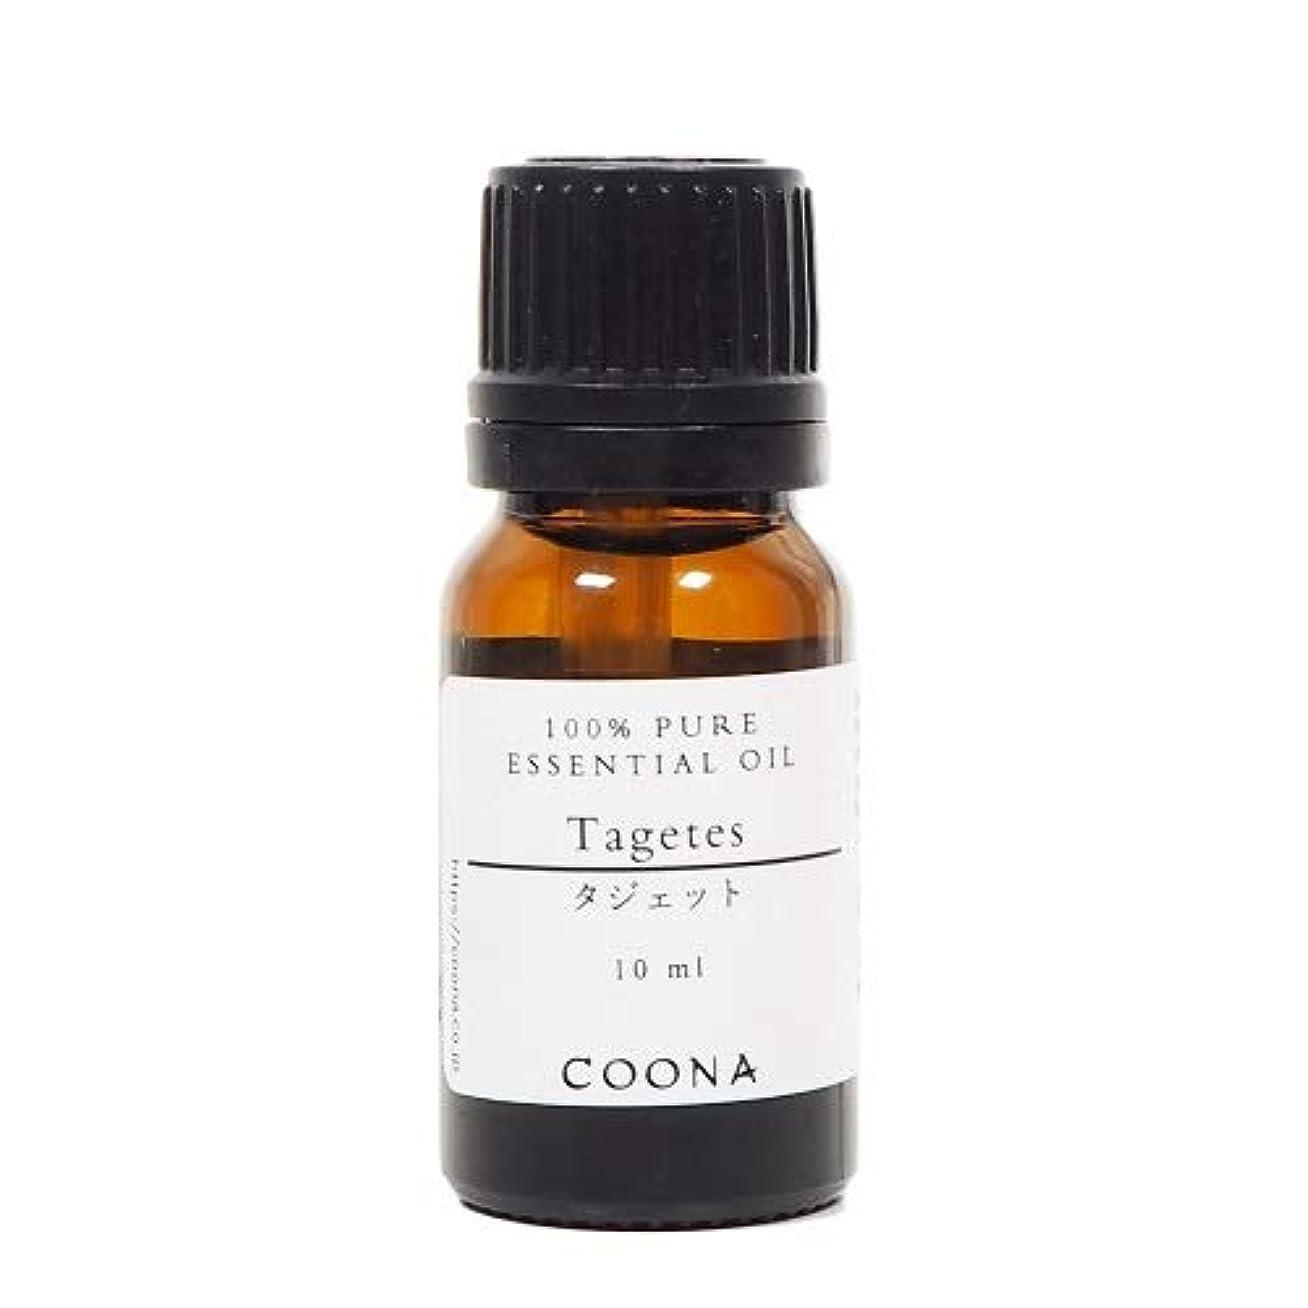 ケージミリメートル幽霊タジェット 10 ml (COONA エッセンシャルオイル アロマオイル 100% 天然植物精油)